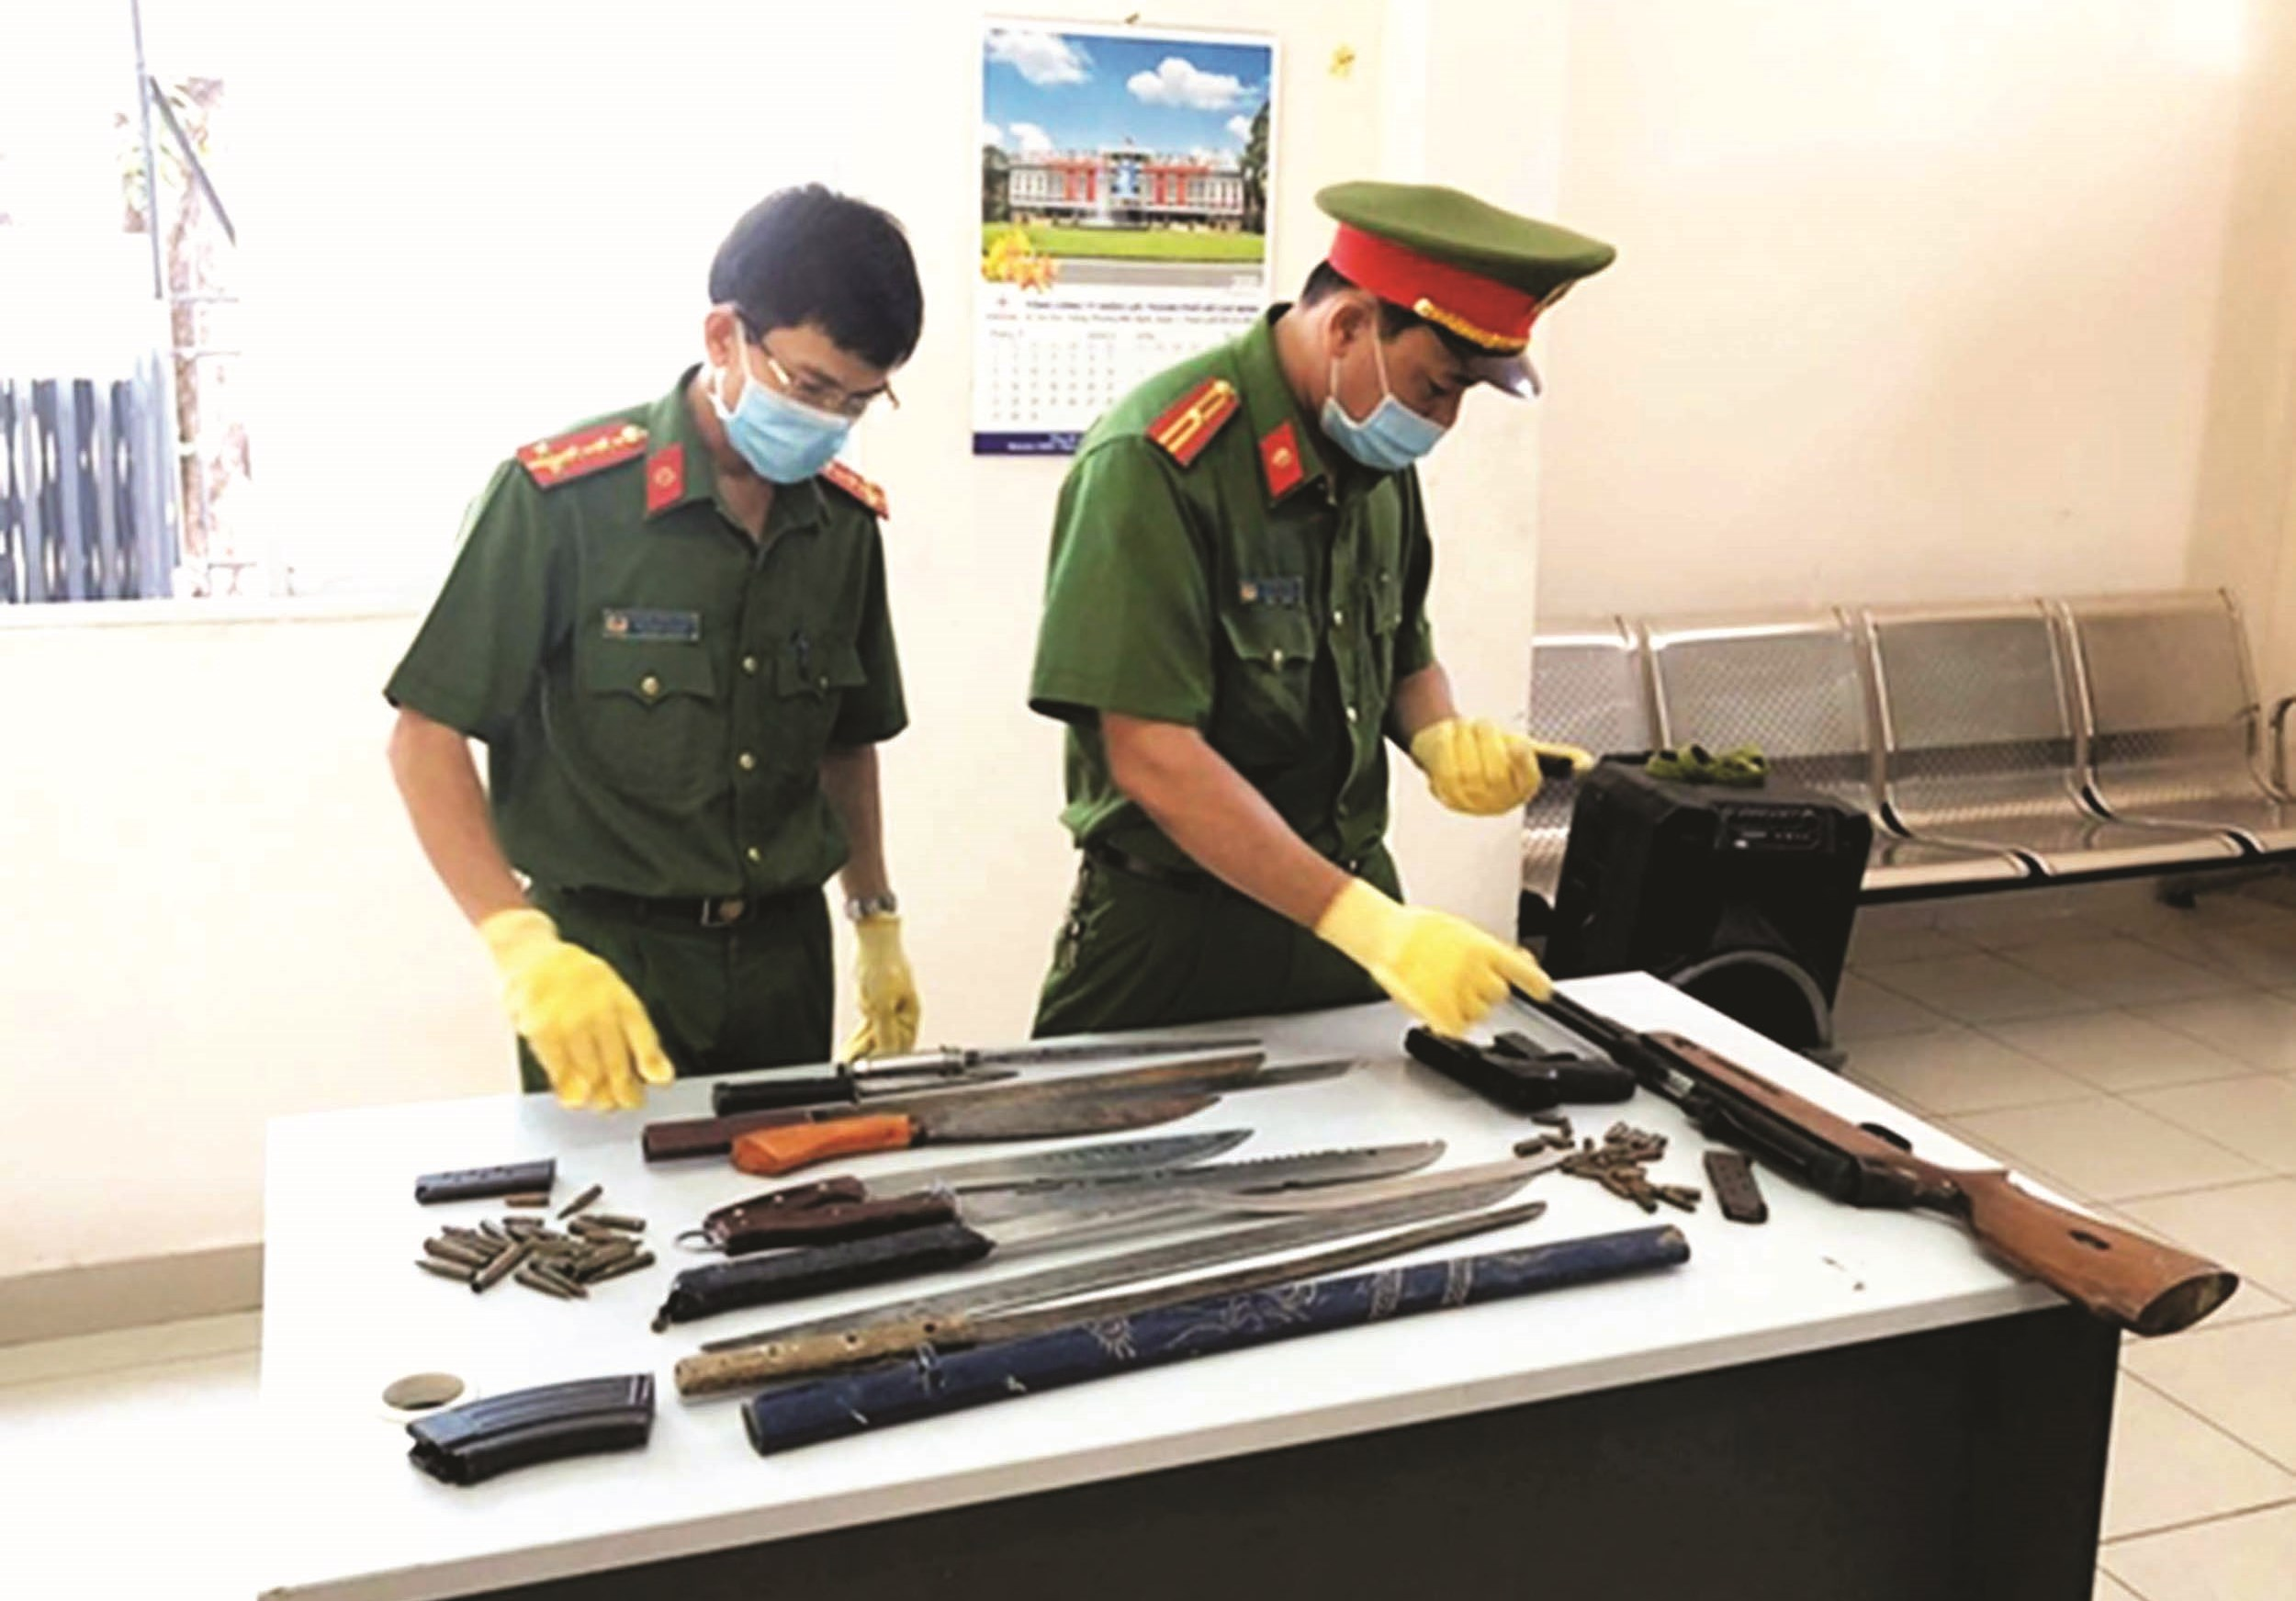 Các loại vũ khí, công cụ hỗ trợ do người dân tự nguyện đến giao nộp.